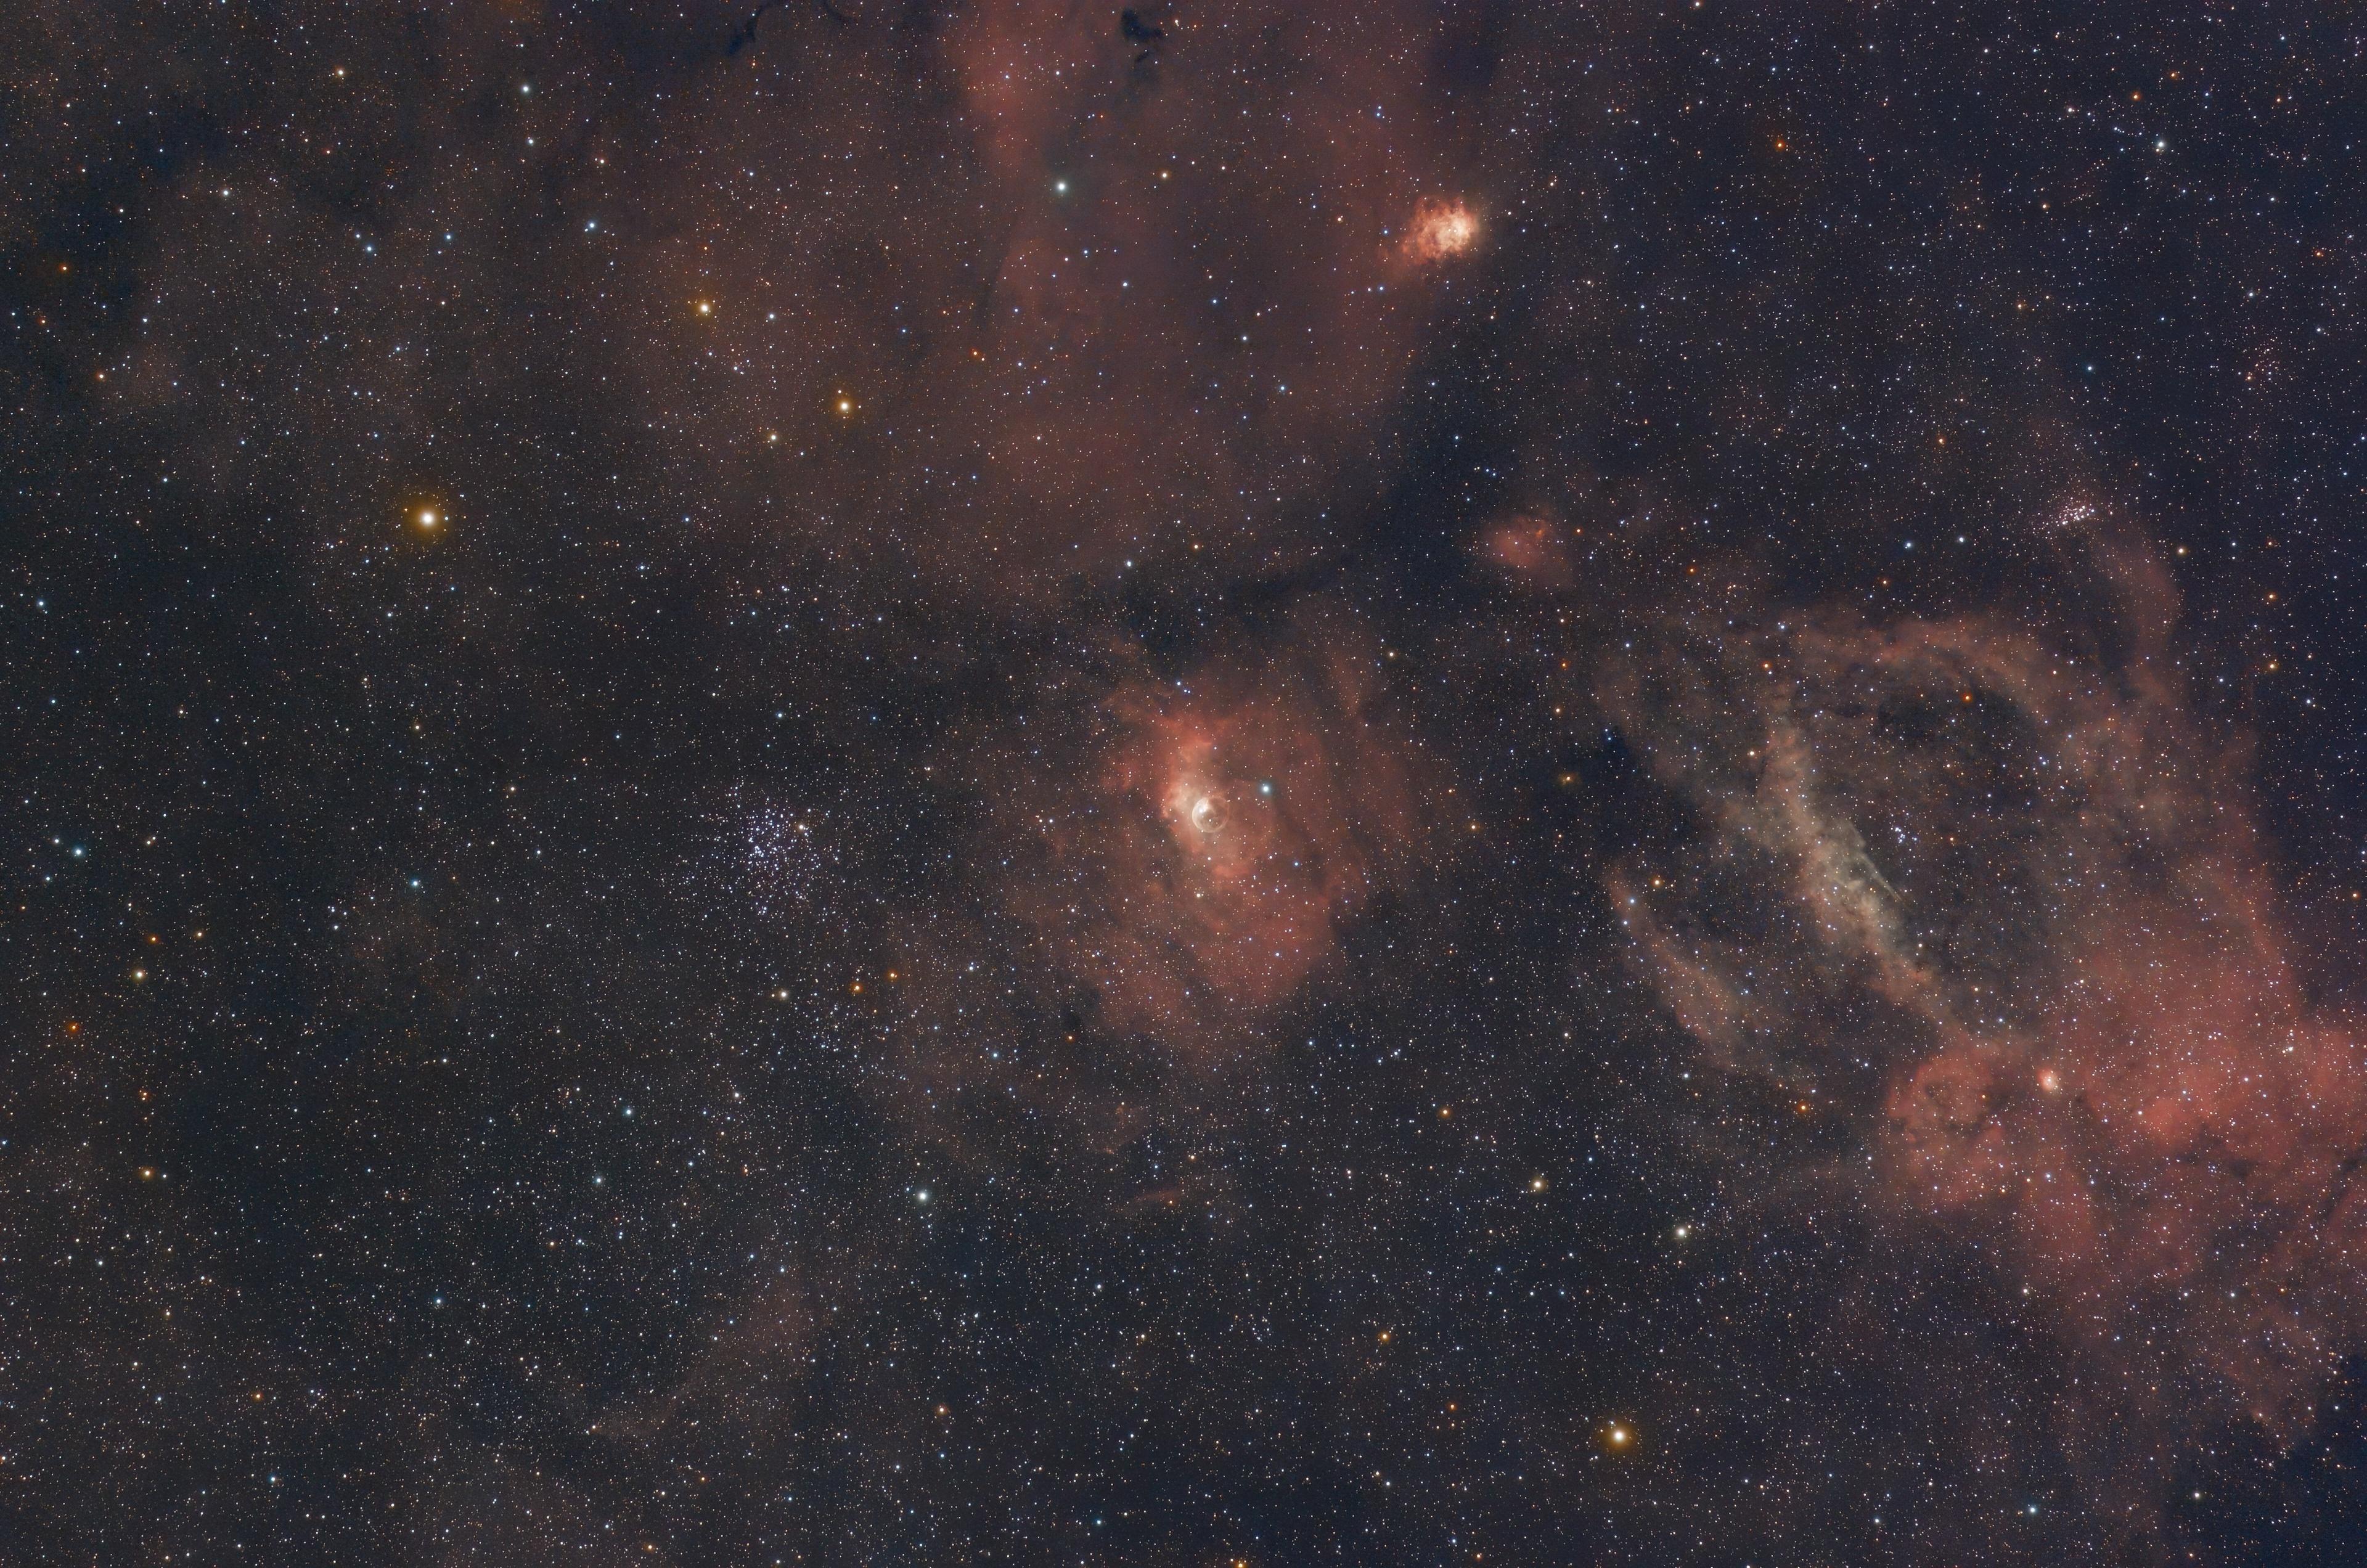 NGC7635_30x180s_30x30s_FSQ0.73x_ASI2600_